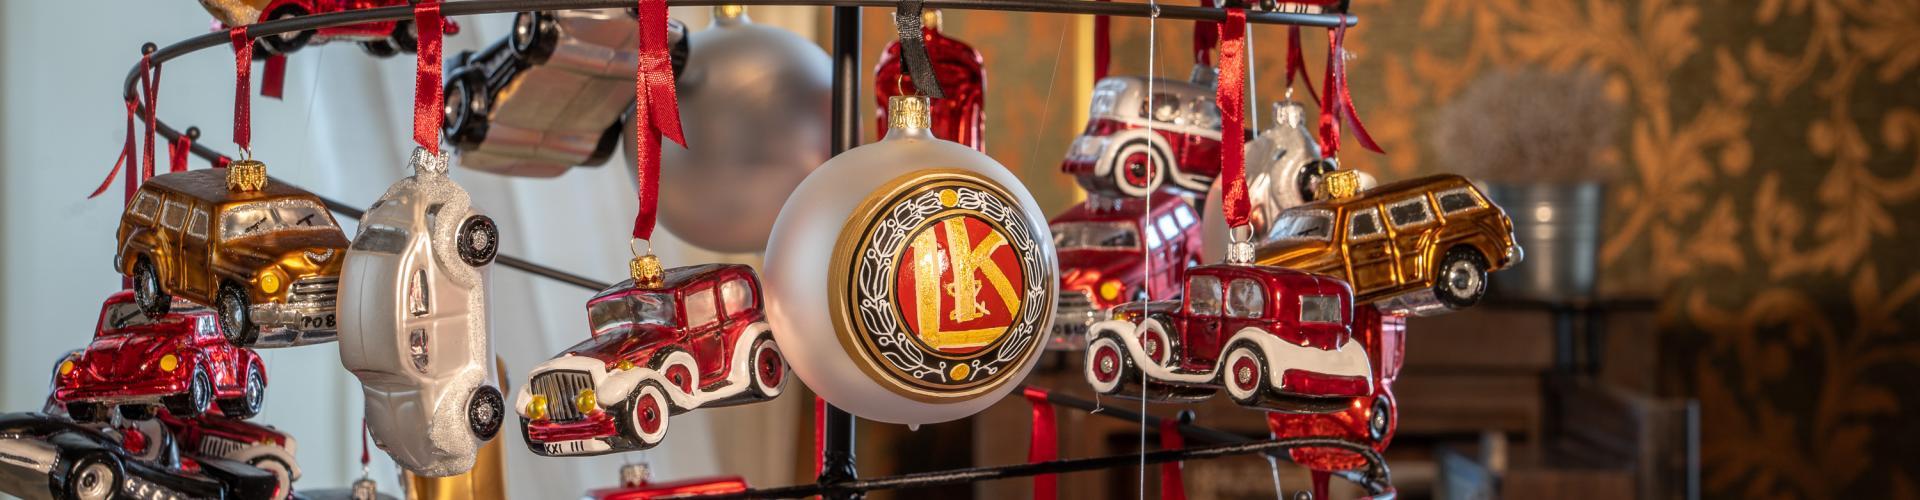 Příběh vánočního stromečku - Prodejní výstava - Přerušeno